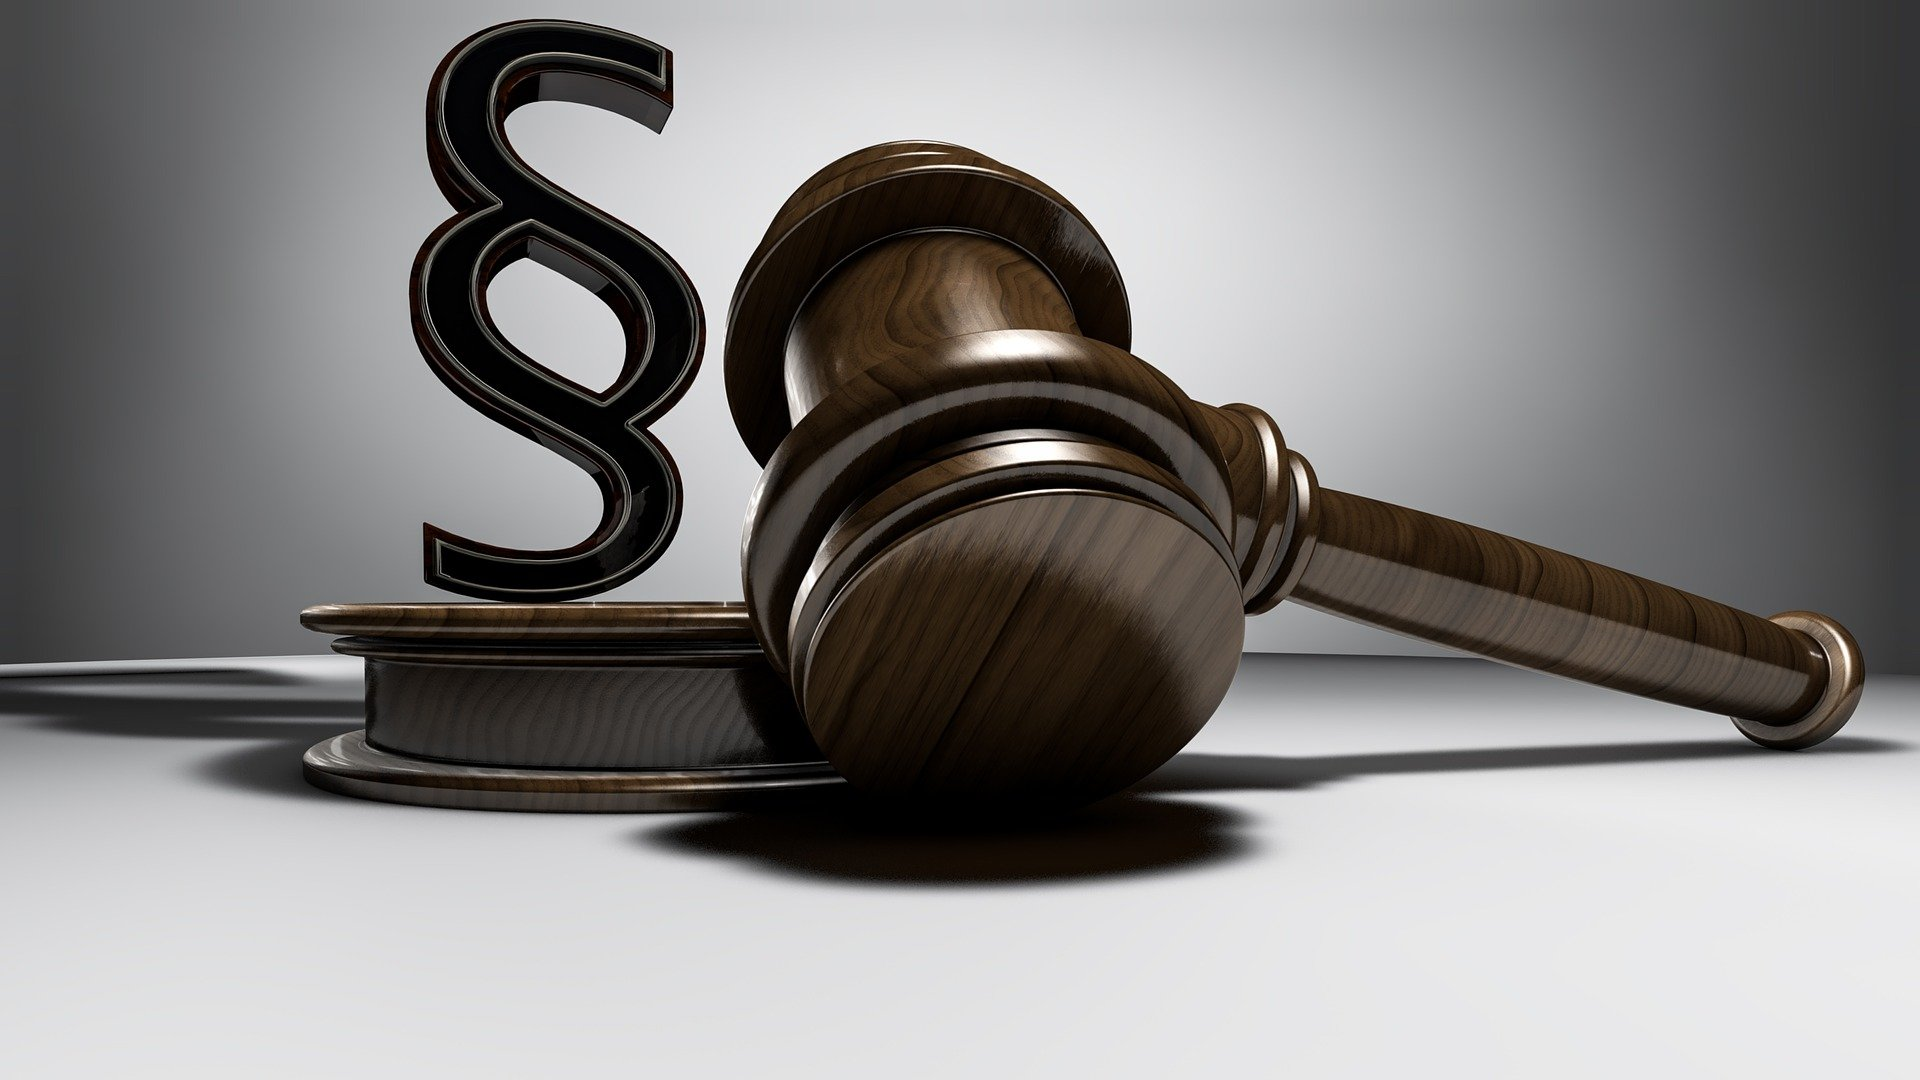 Kustomer Übernahme durch Facebook Gericht Justiz Richterhammer